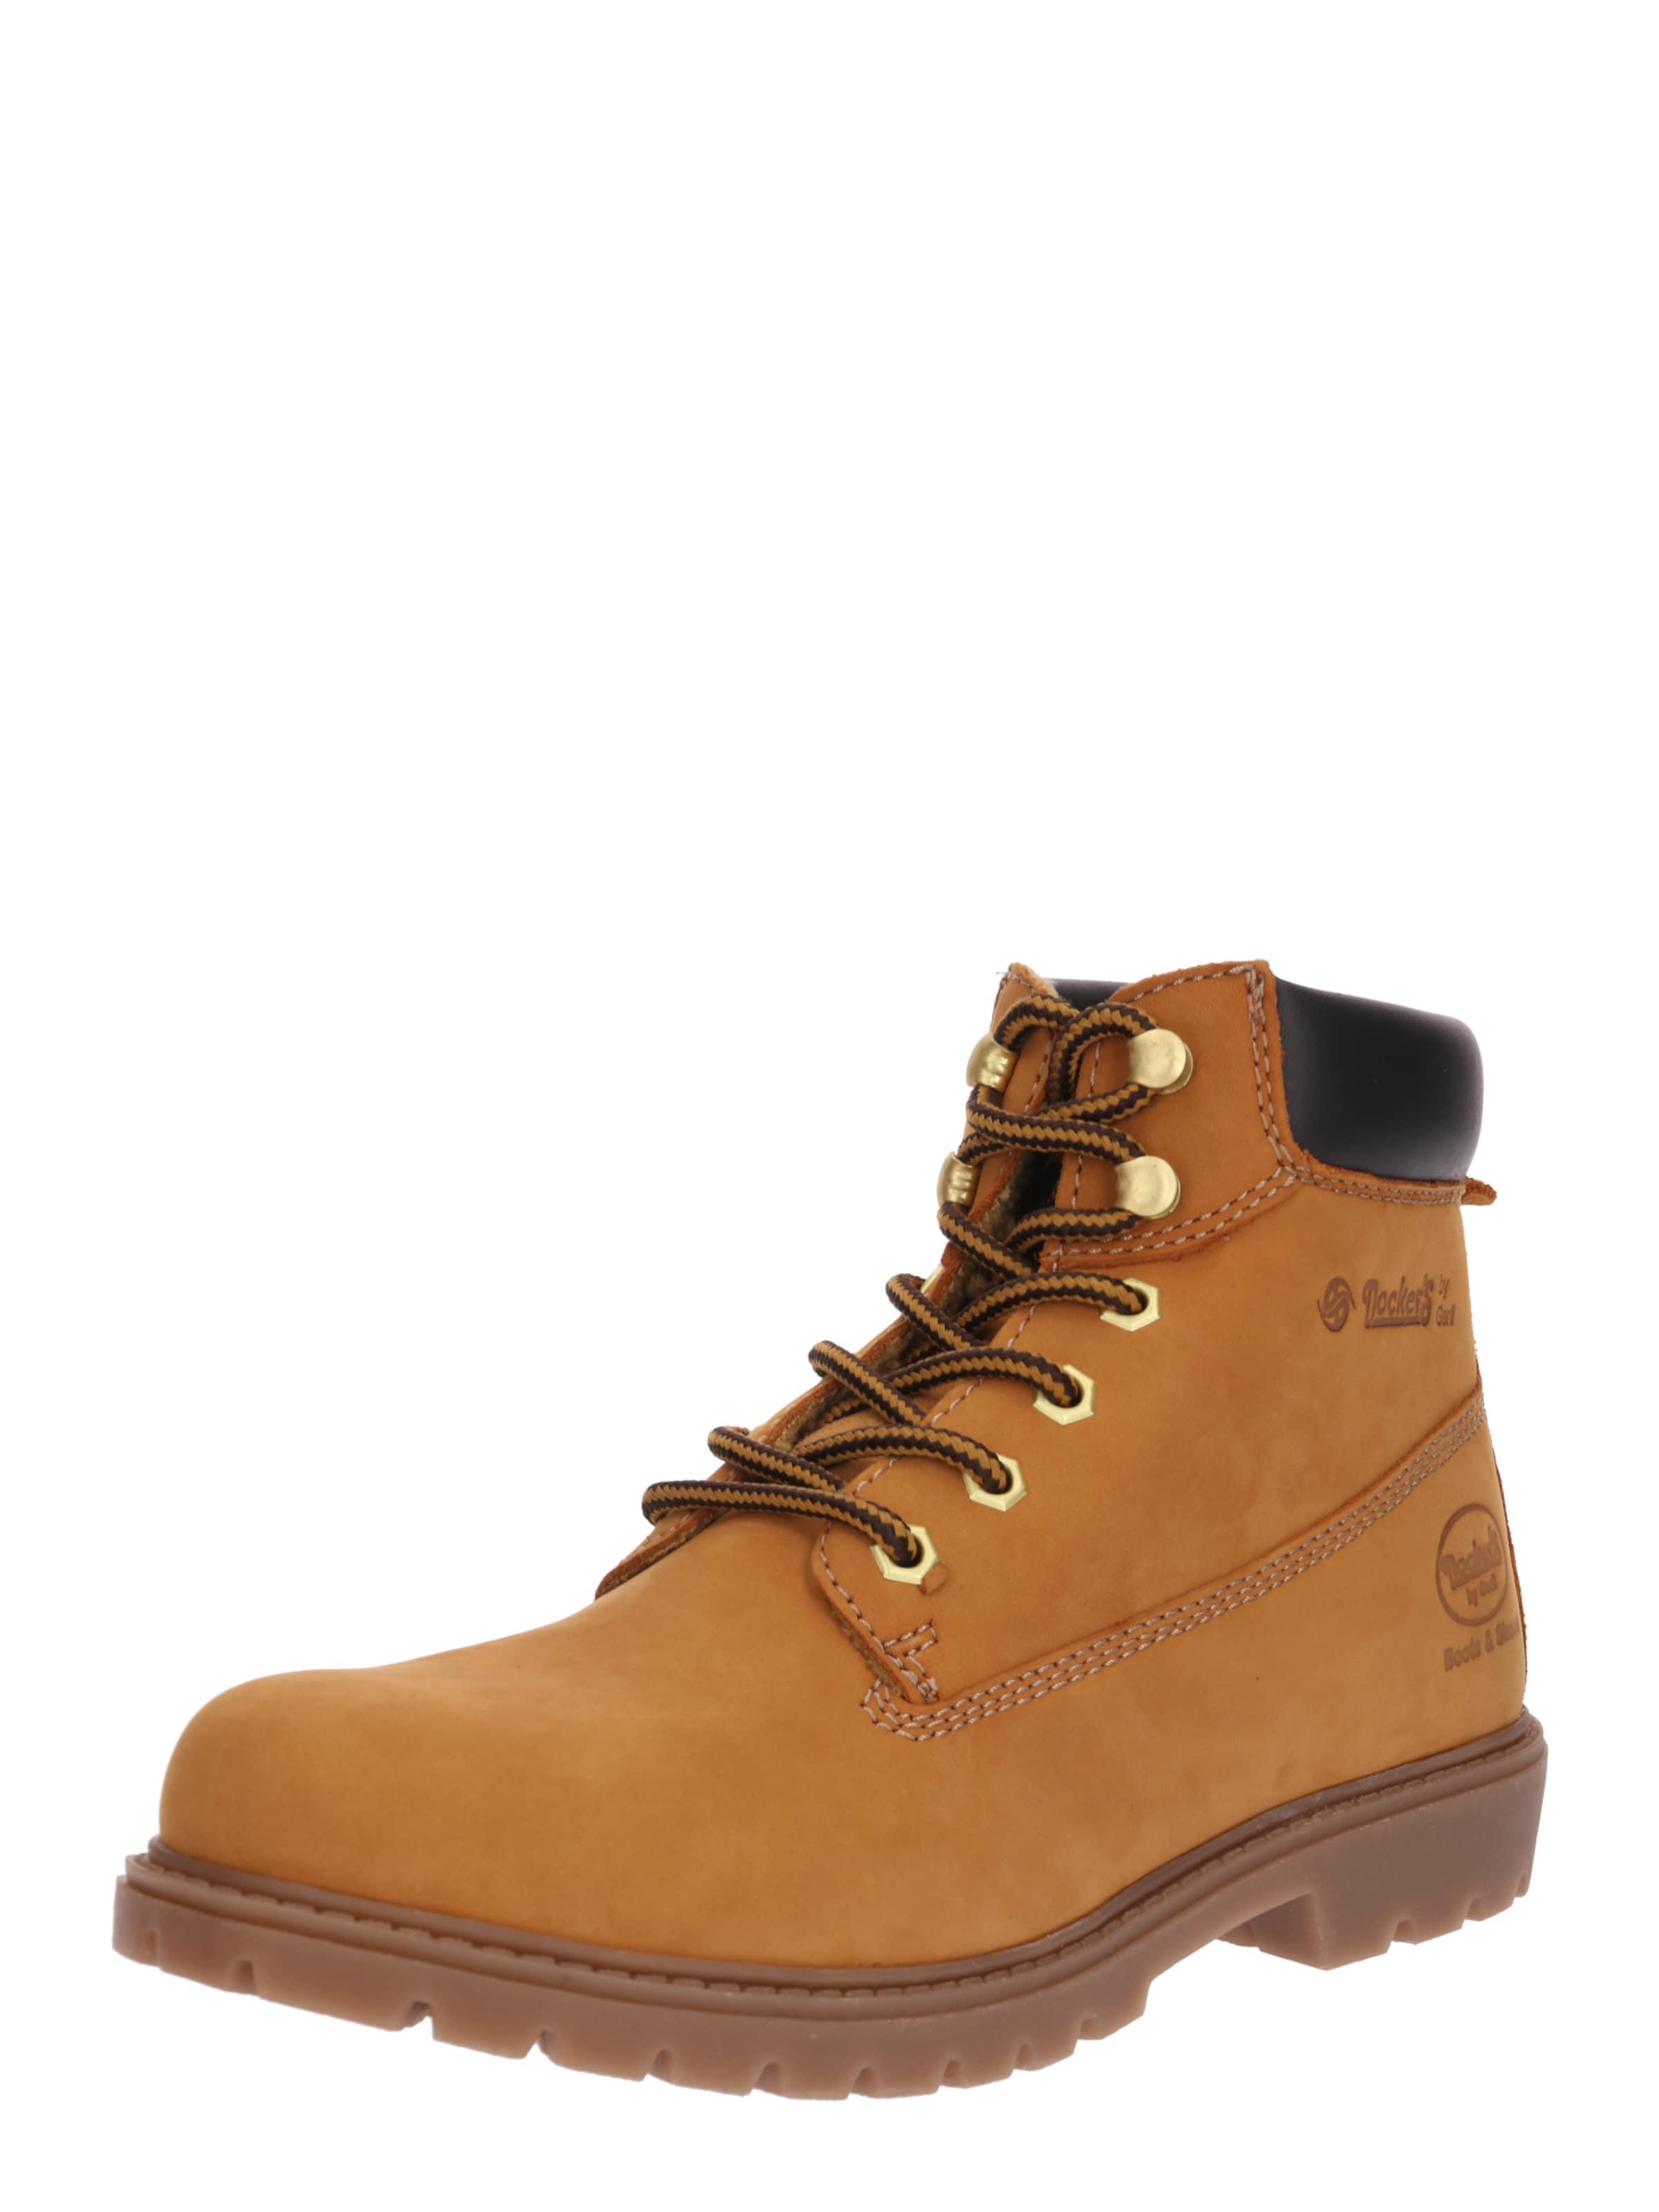 Dockers by Gerli Lederstiefel Günstige und langlebige Schuhe